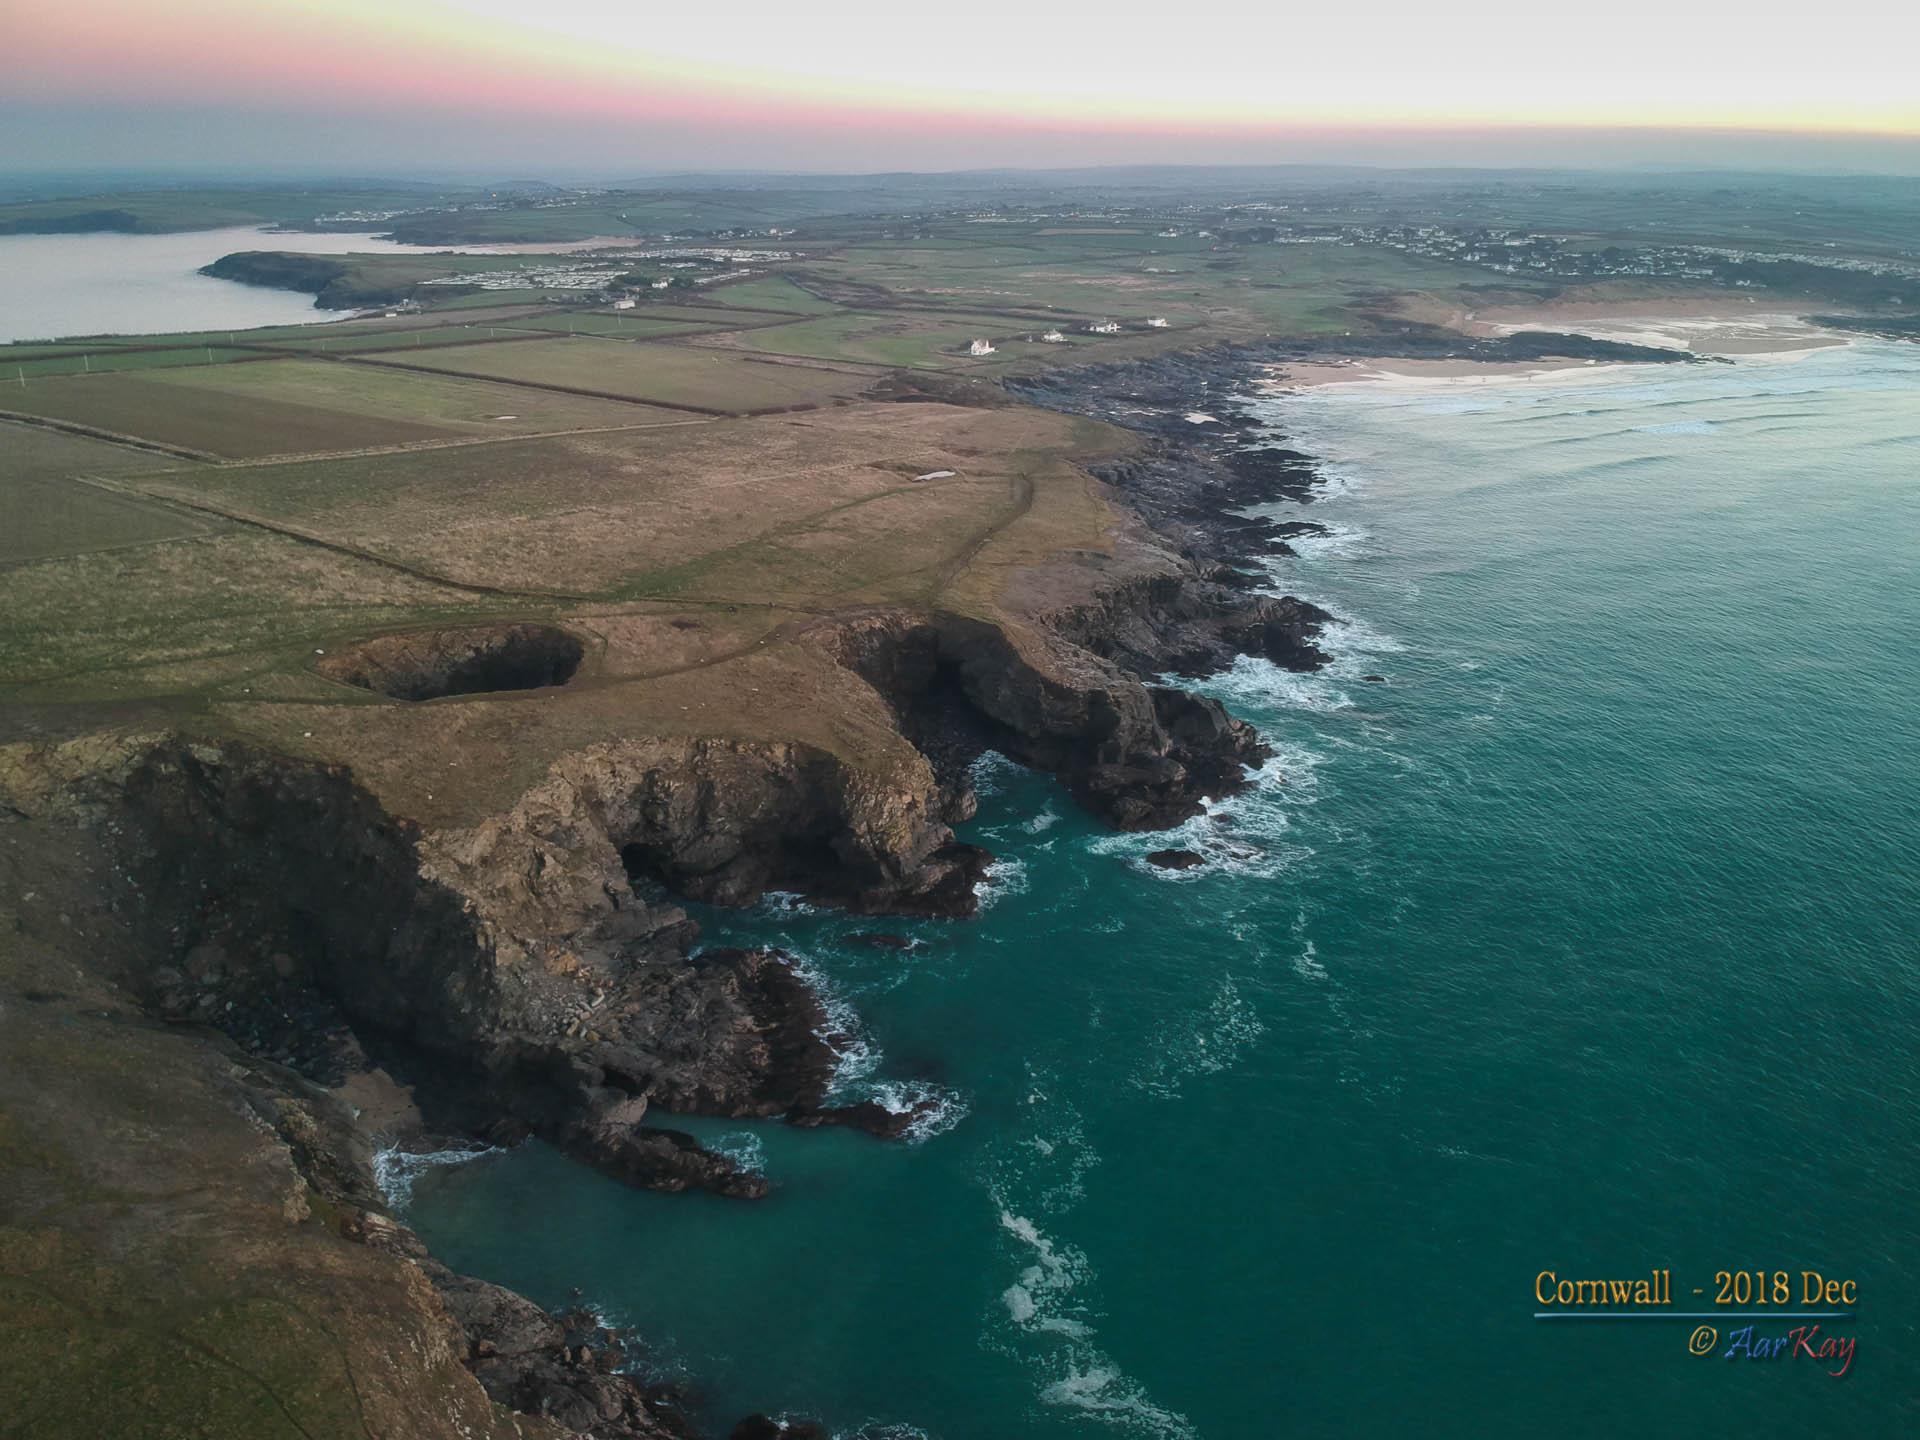 Beach - Cornwall